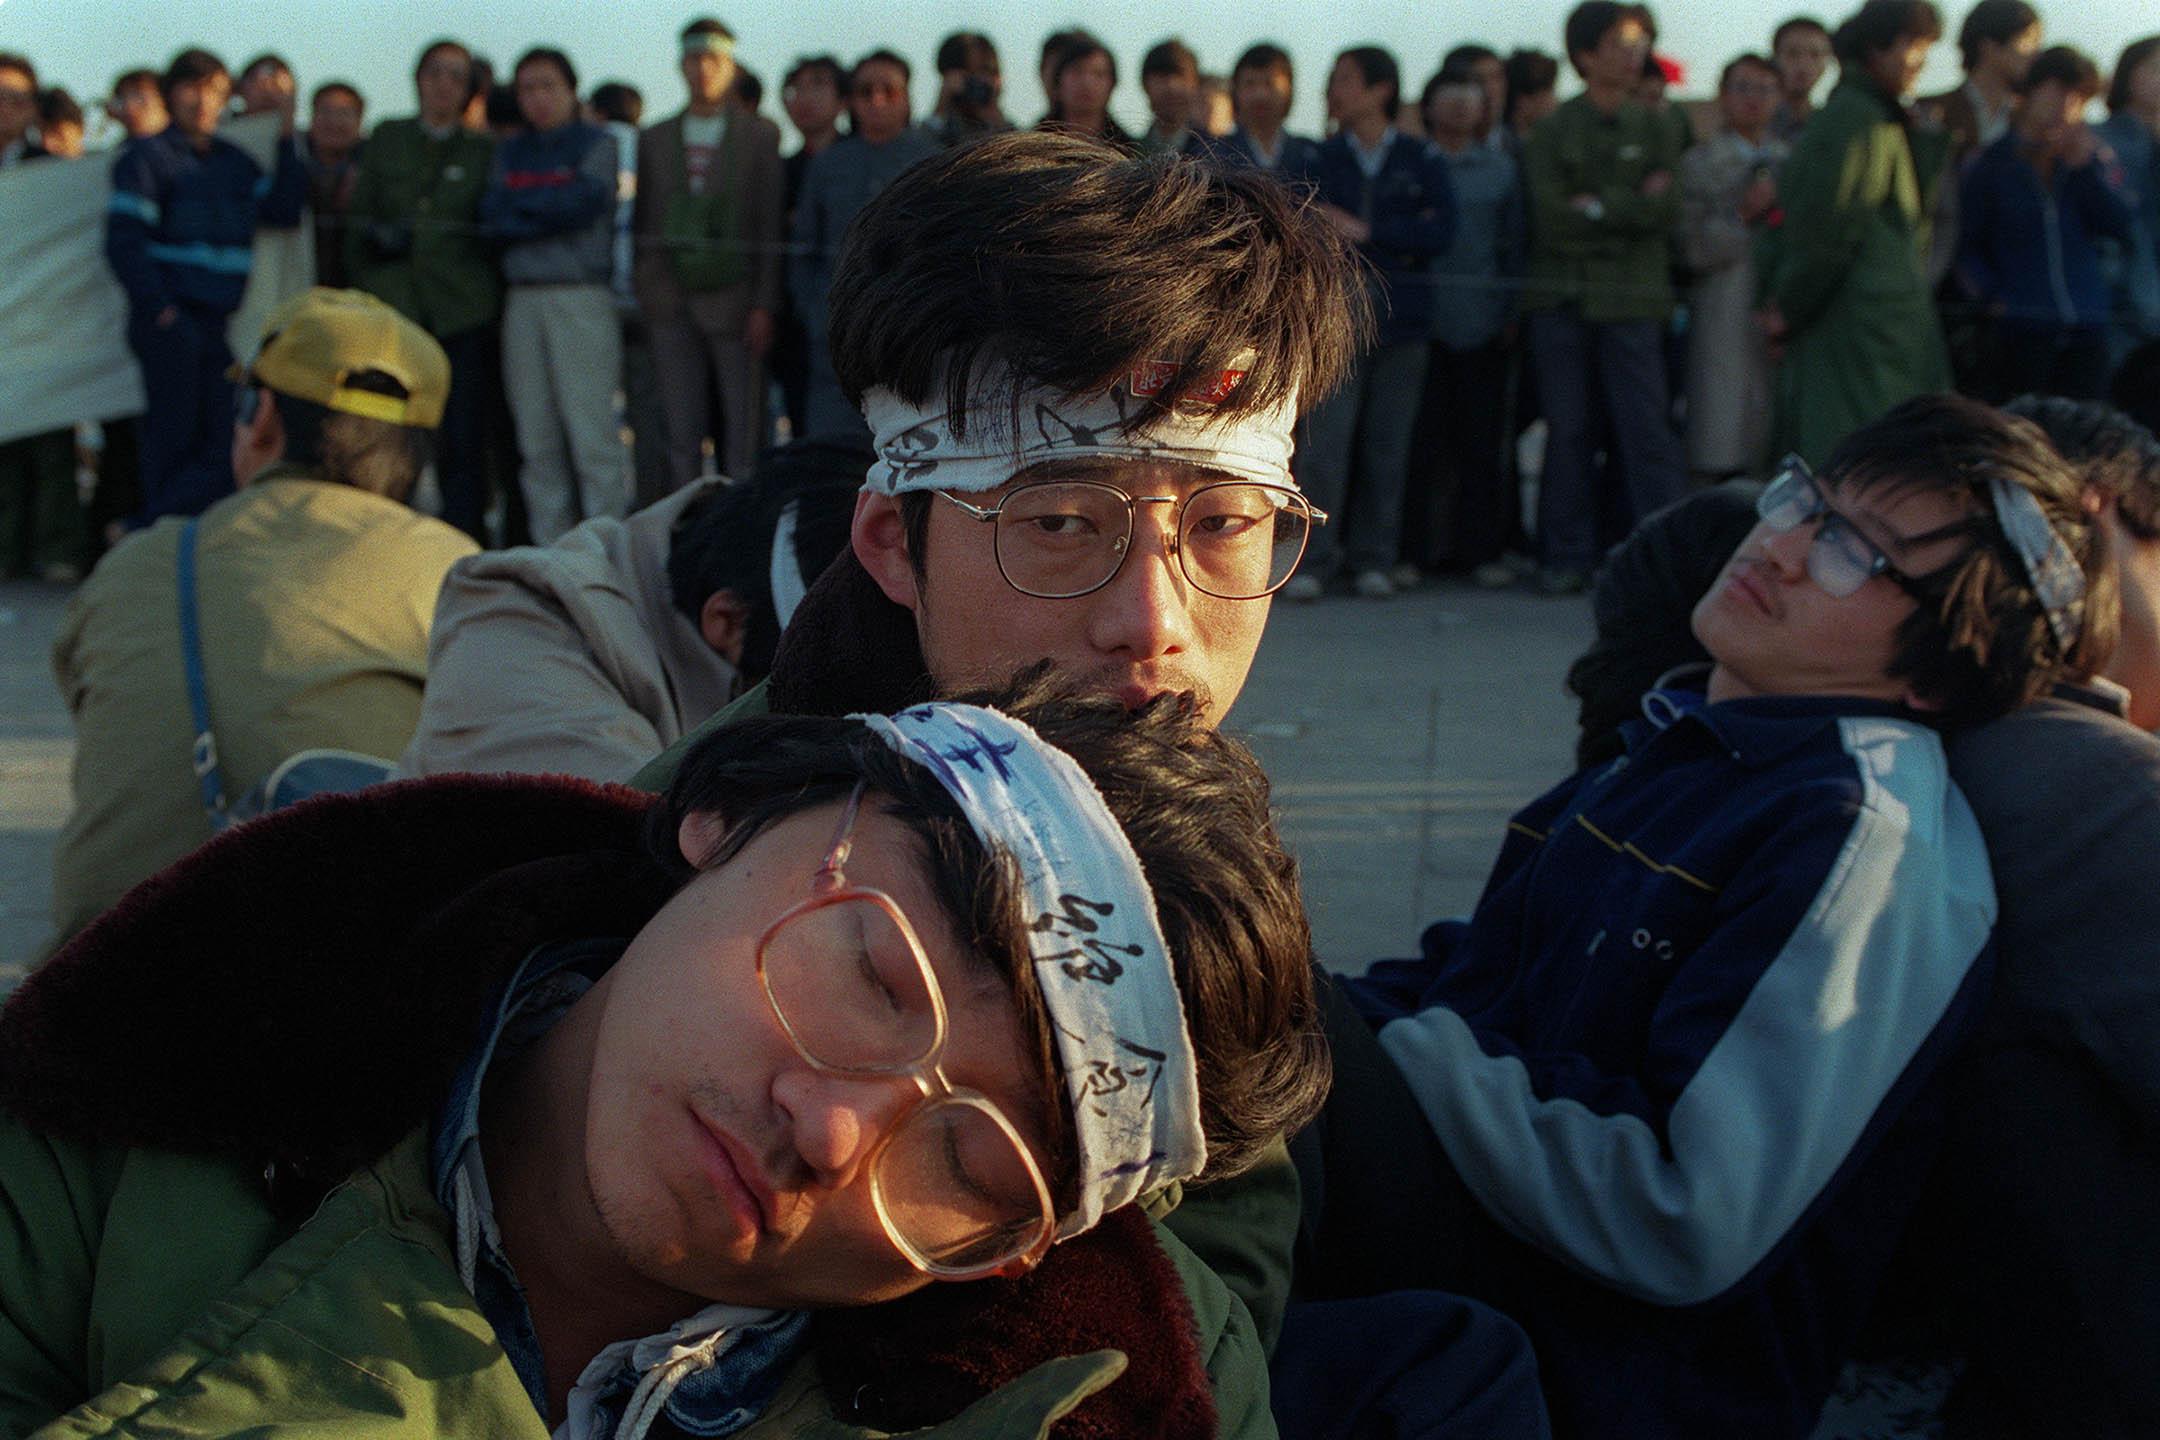 1989年5月14日,數百名北京大學生在天安門廣場發起絕食以抗議中國政府。